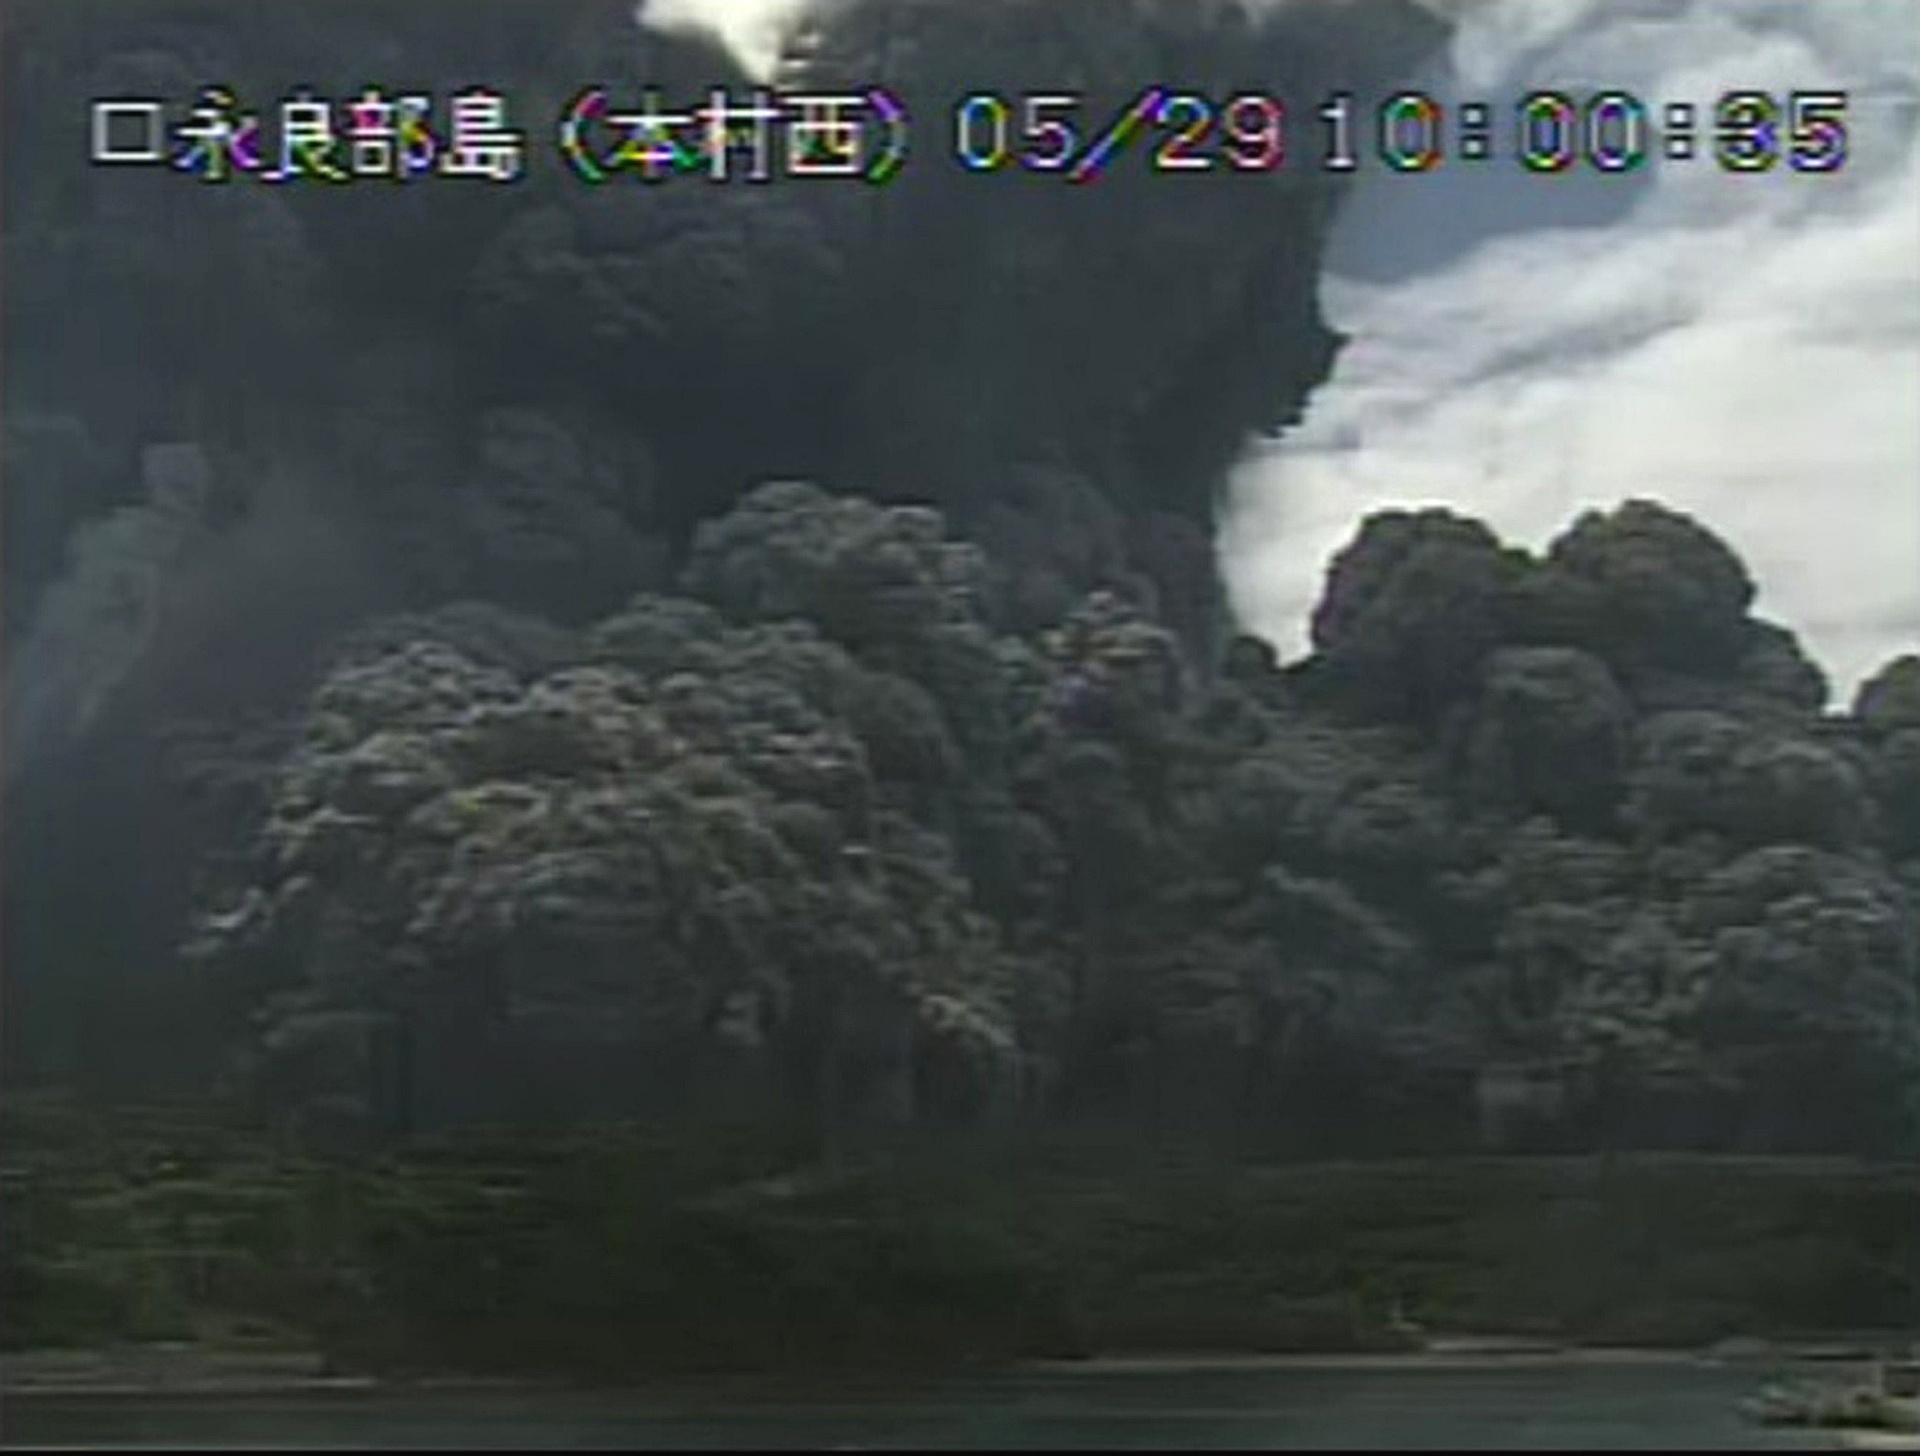 29.mai.2015 - Em frame de vídeo da Agência Meteorológica do Japão, o Monte Shindake, na ilha japonesa de Kuchinoerabu, sudoeste do país, entra em erupção. O fenômeno, que levou o governo a declarar alerta máximo, forçou dezenas de famílias a deixarem suas casas e lançou uma coluna de cinzas na atmosfera